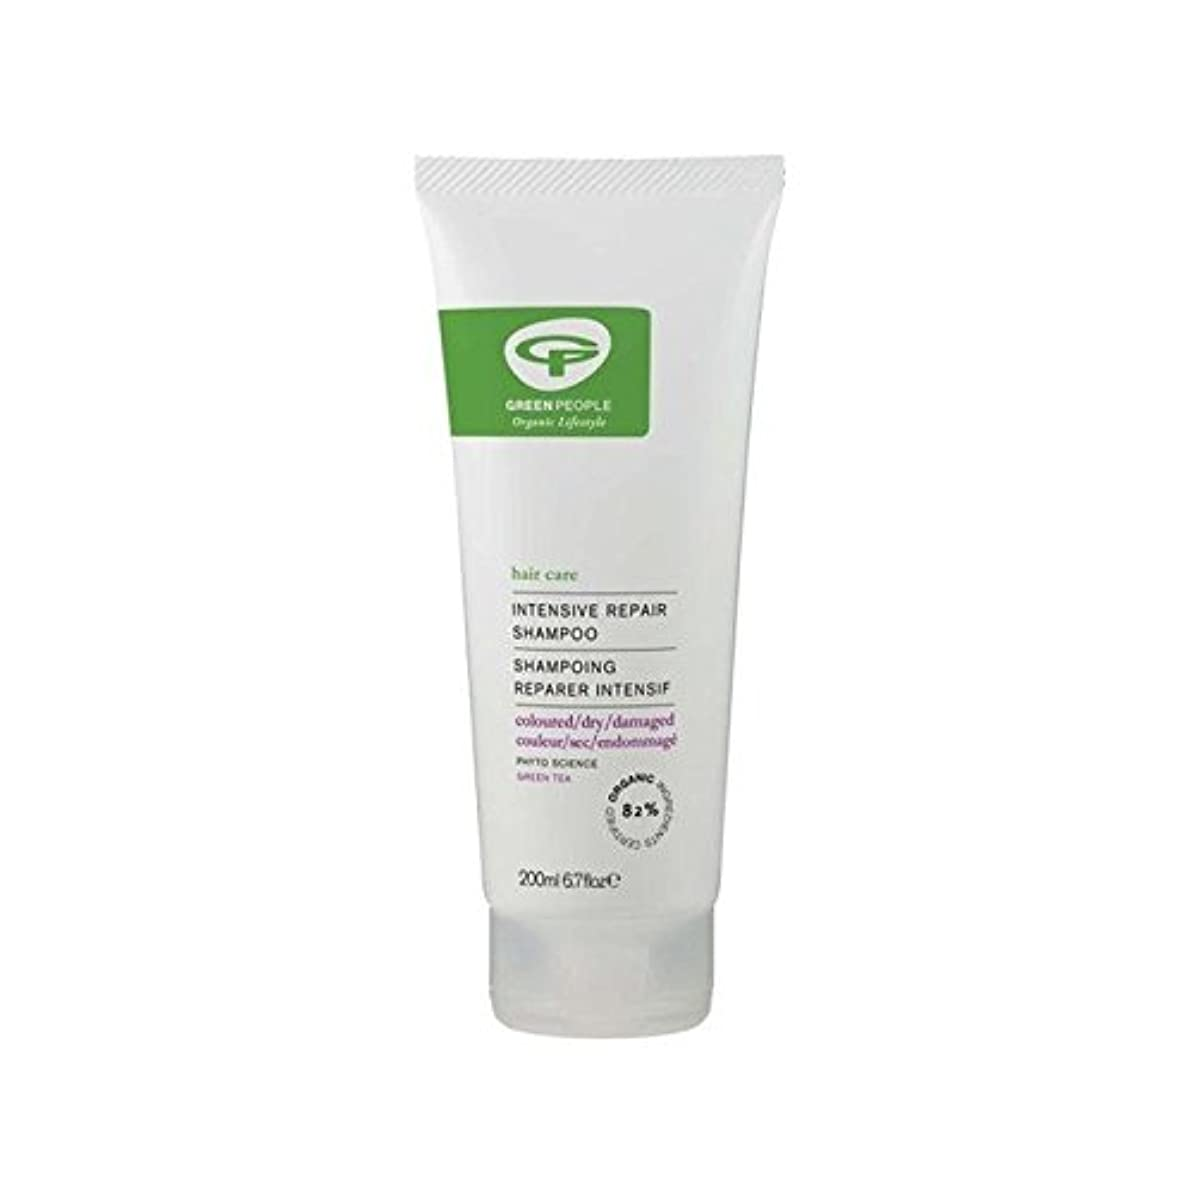 社会学レクリエーション一月緑の人の集中リペアシャンプー(200ミリリットル) x2 - Green People Intensive Repair Shampoo (200ml) (Pack of 2) [並行輸入品]